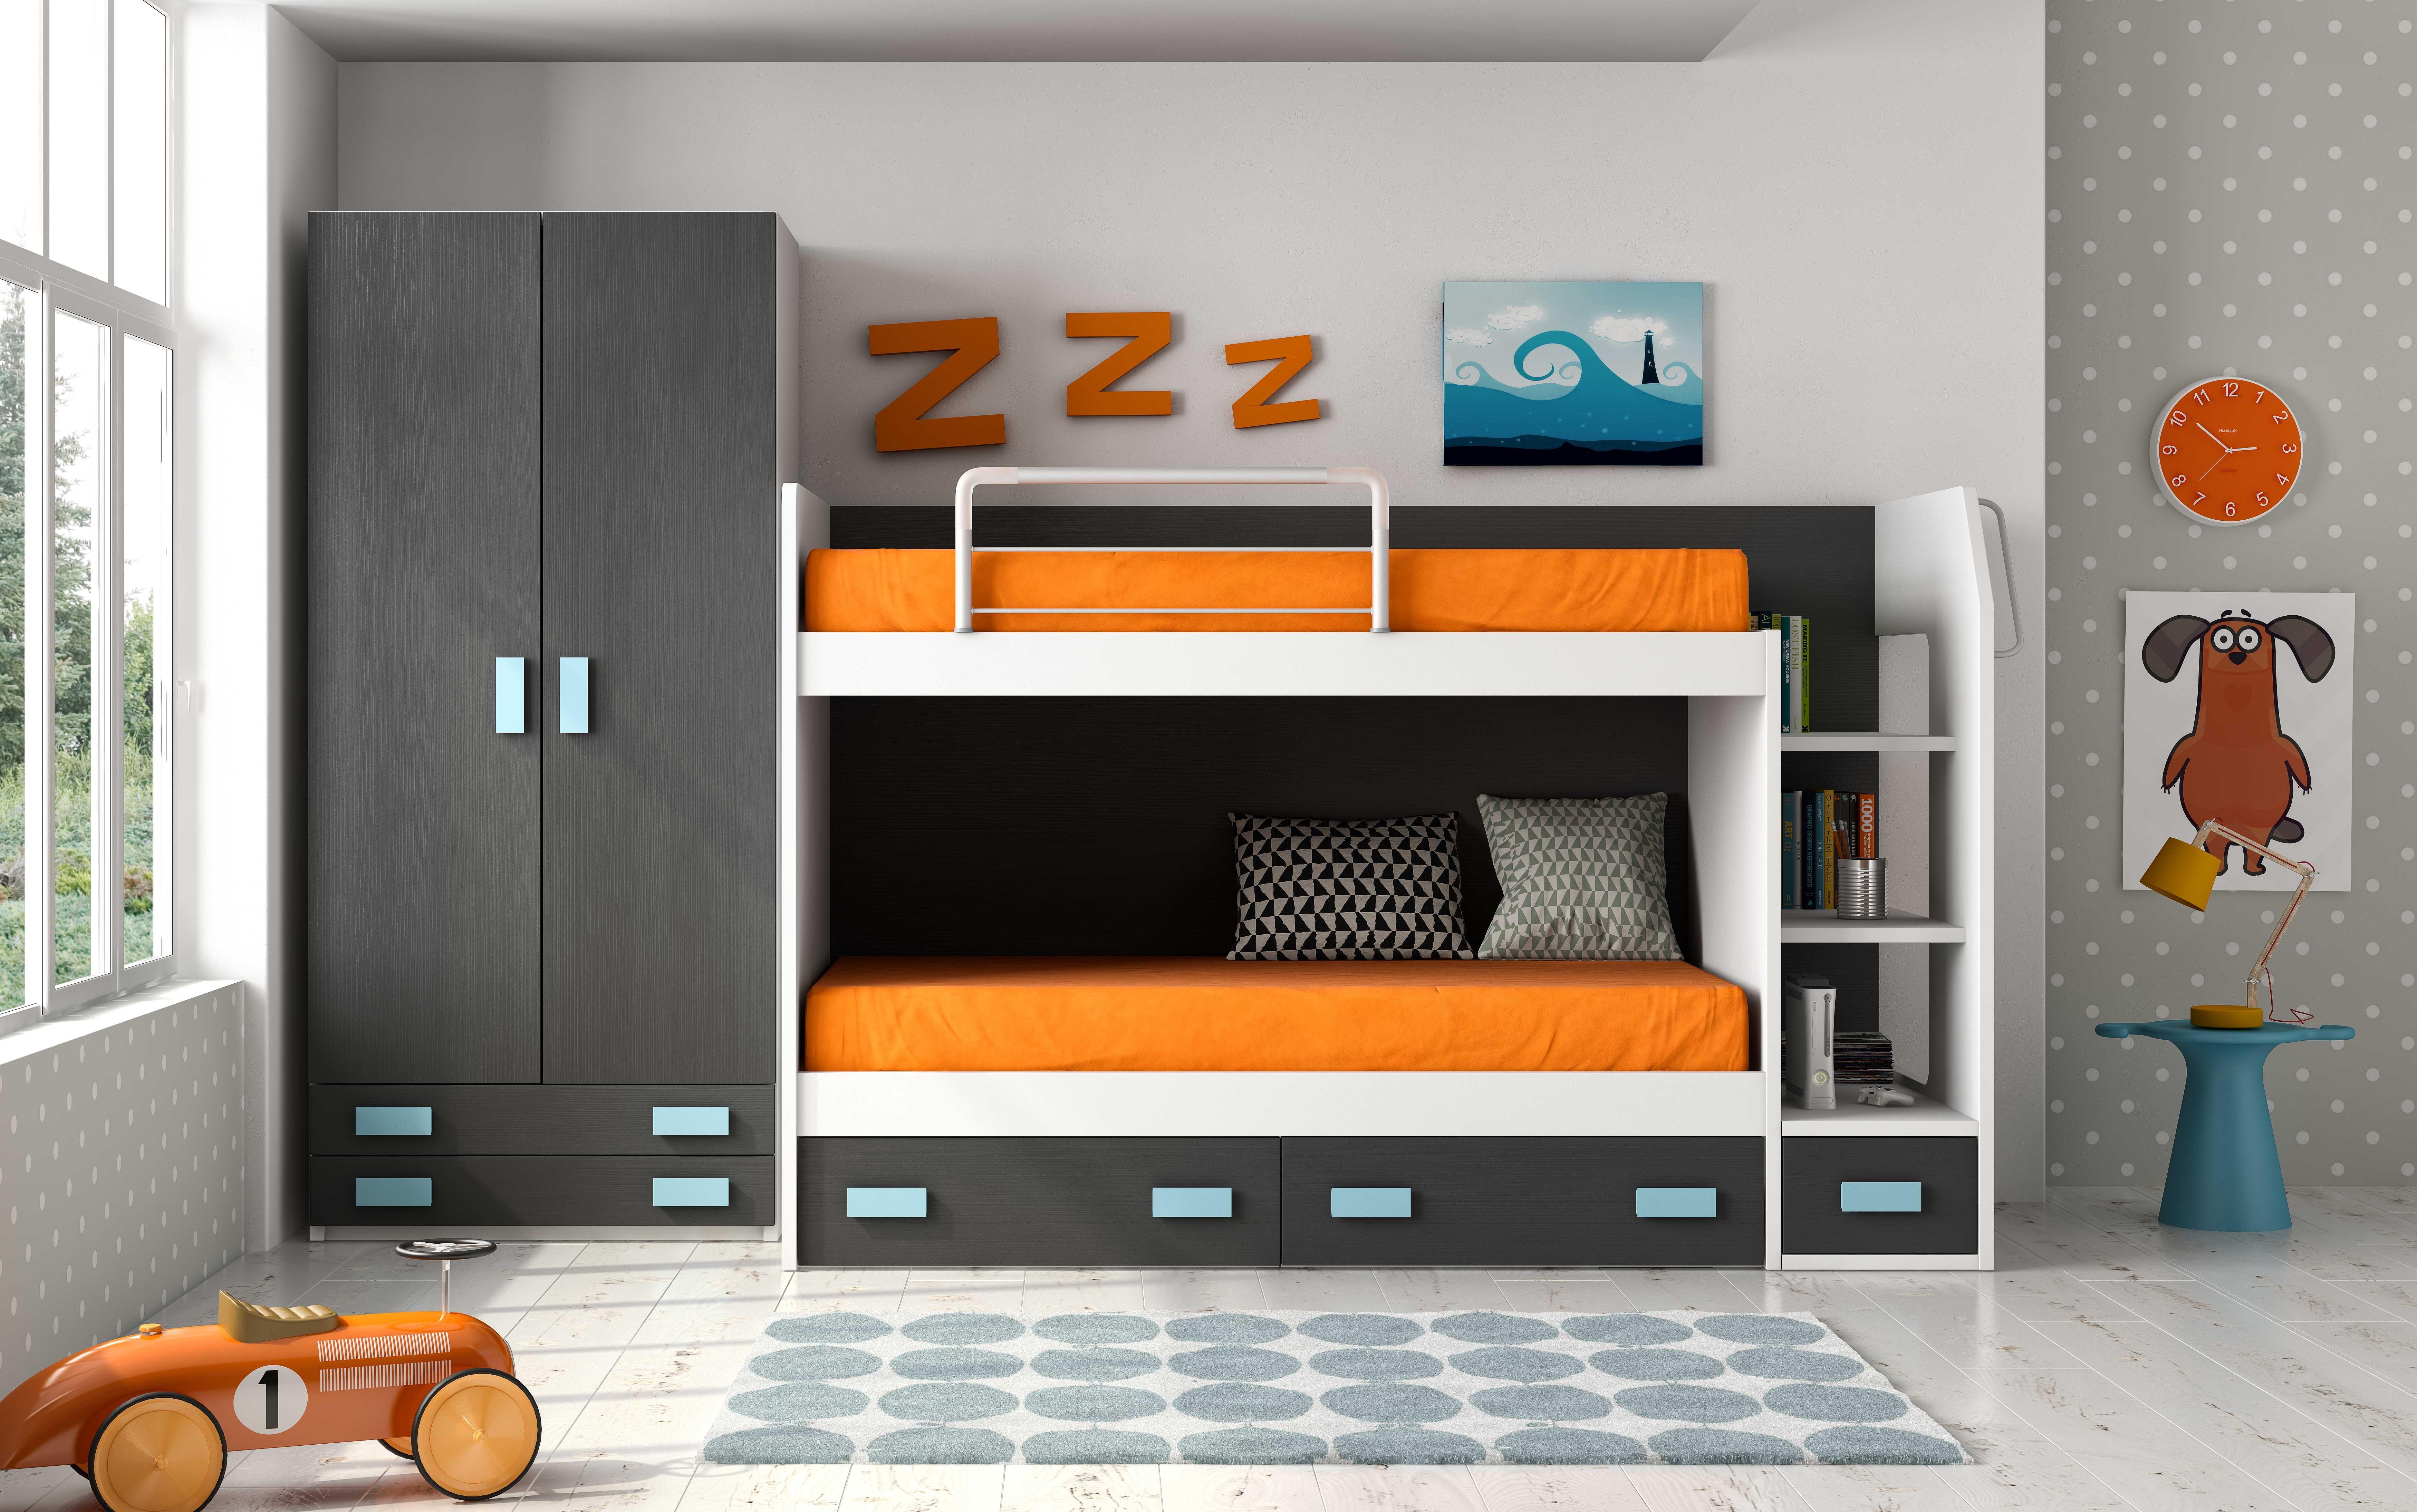 lit superpos avec rangement bi couleur maxo 90x190 cm. Black Bedroom Furniture Sets. Home Design Ideas